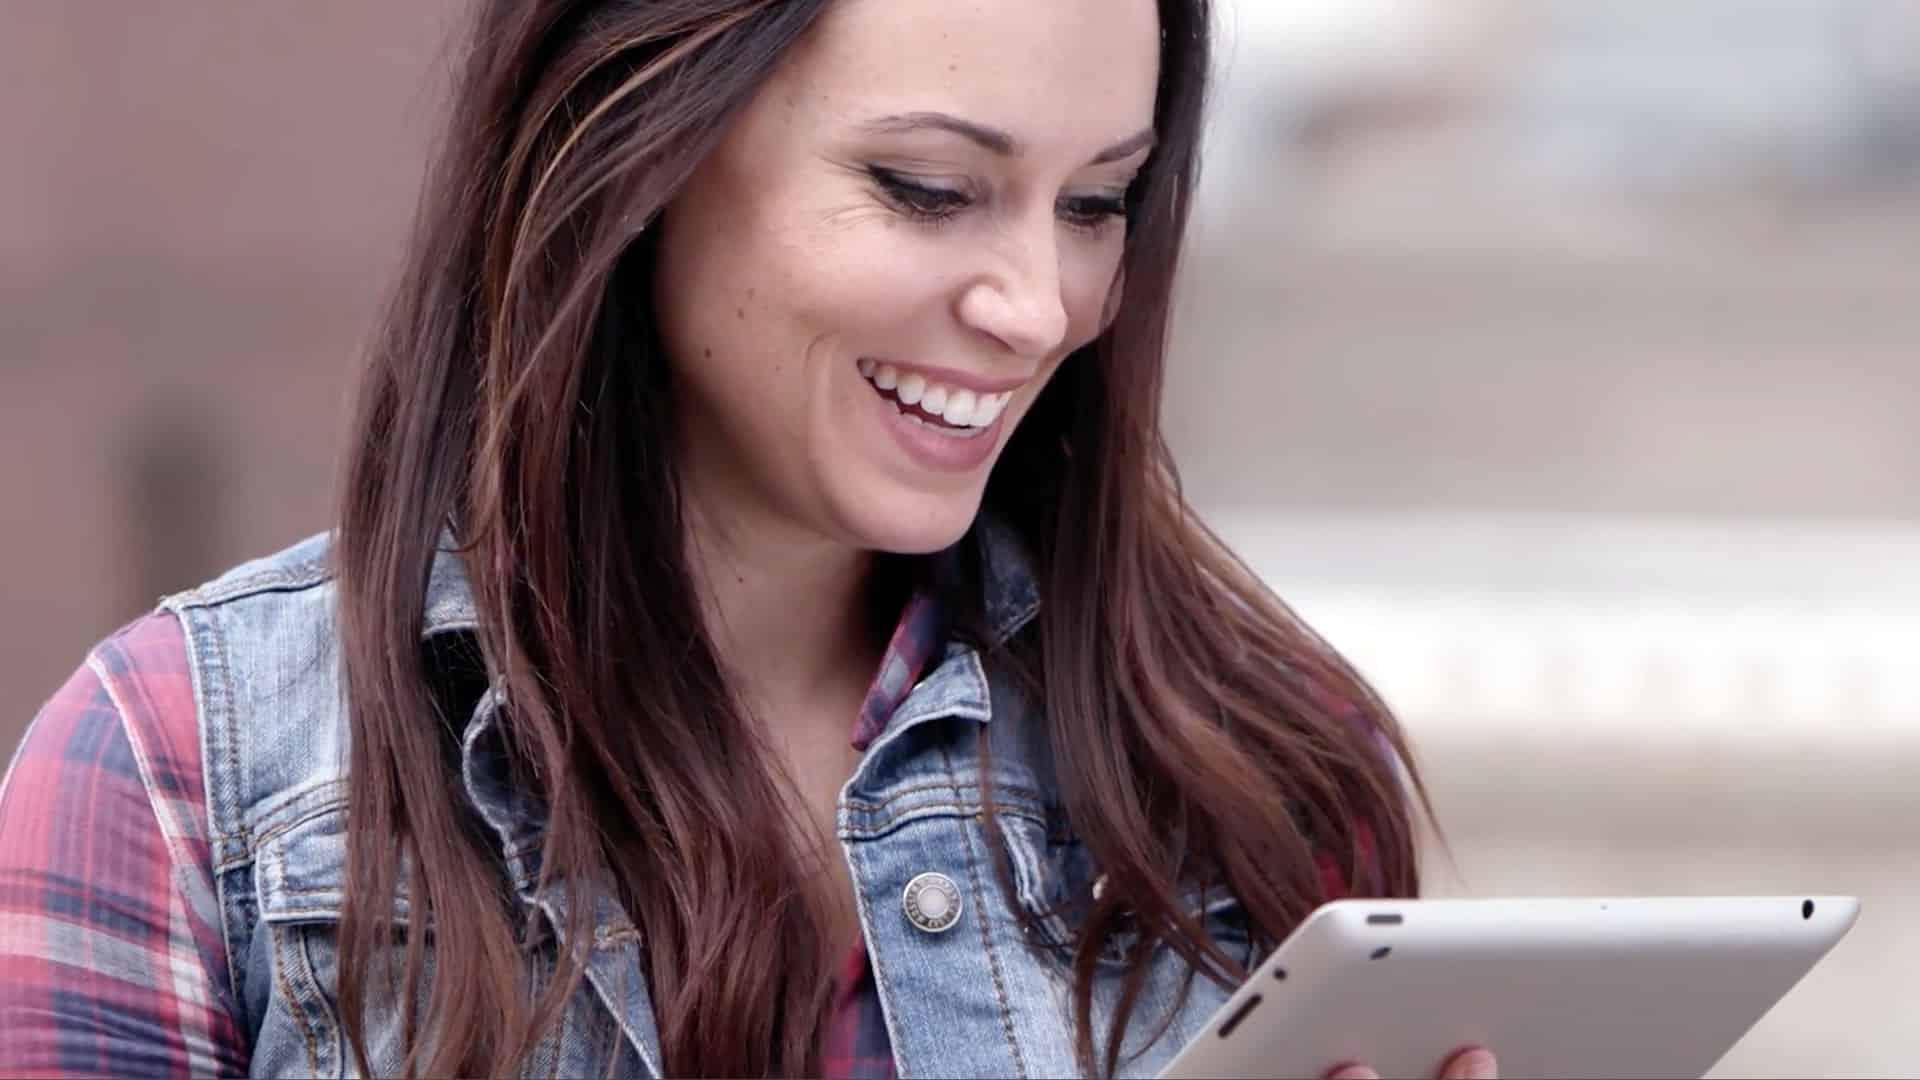 La nueva biblioteca digital permitirá acceso a libros desde tablets.